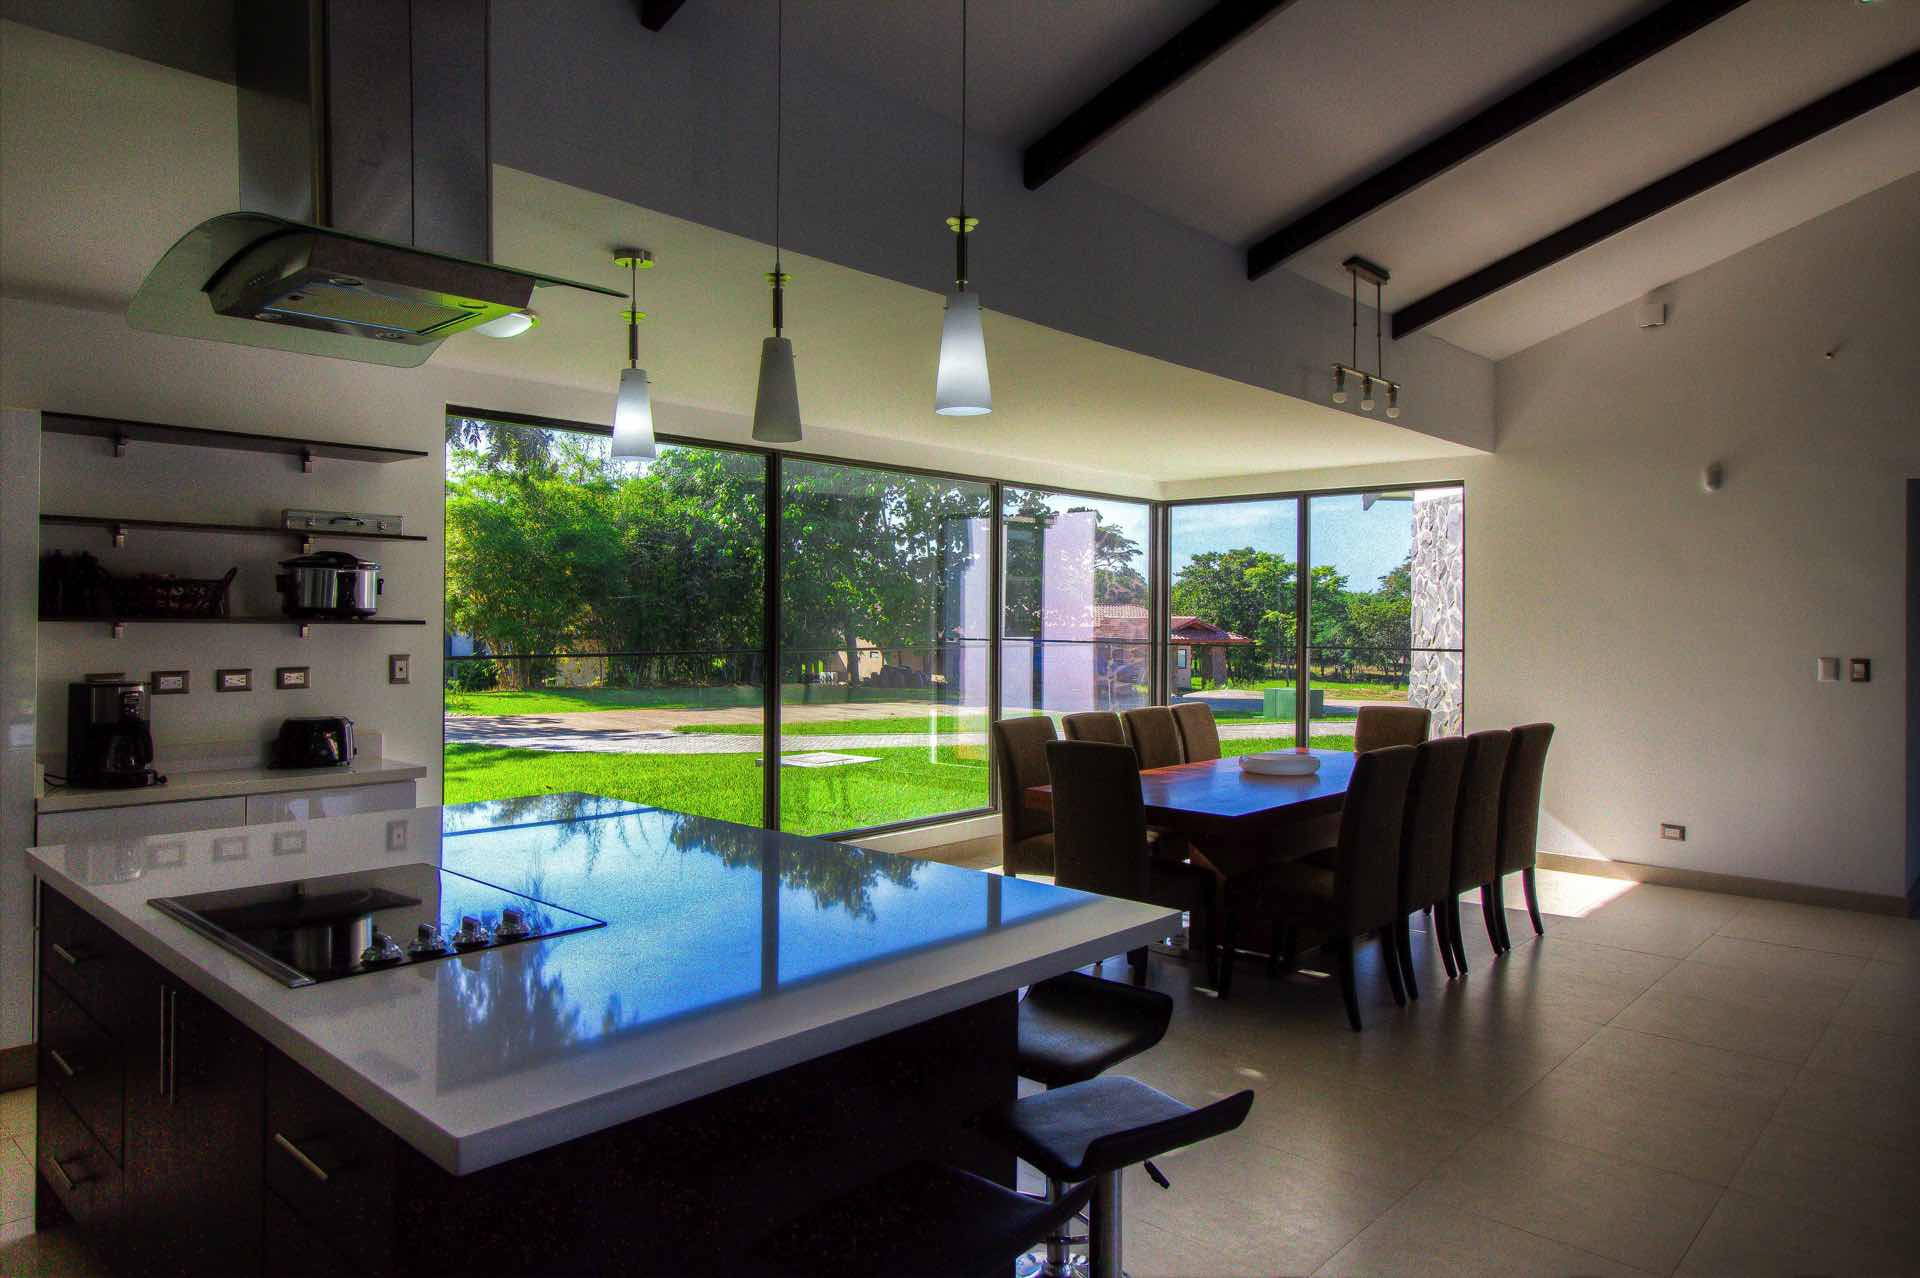 Casa Cielo's spacious kitchen